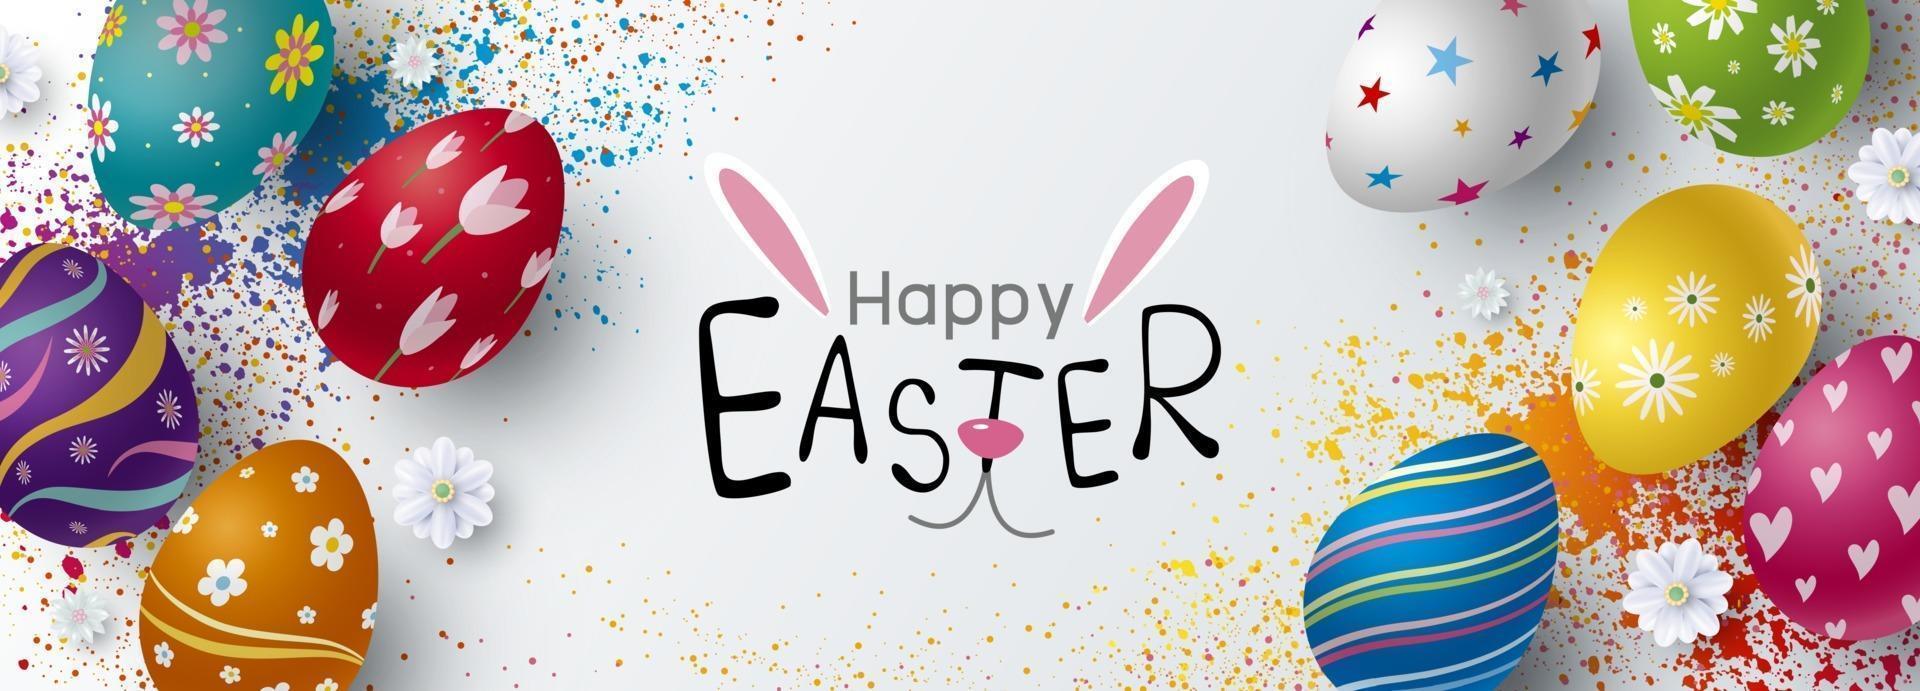 Pasqua banner design di uova e fiori illustrazione vettoriale